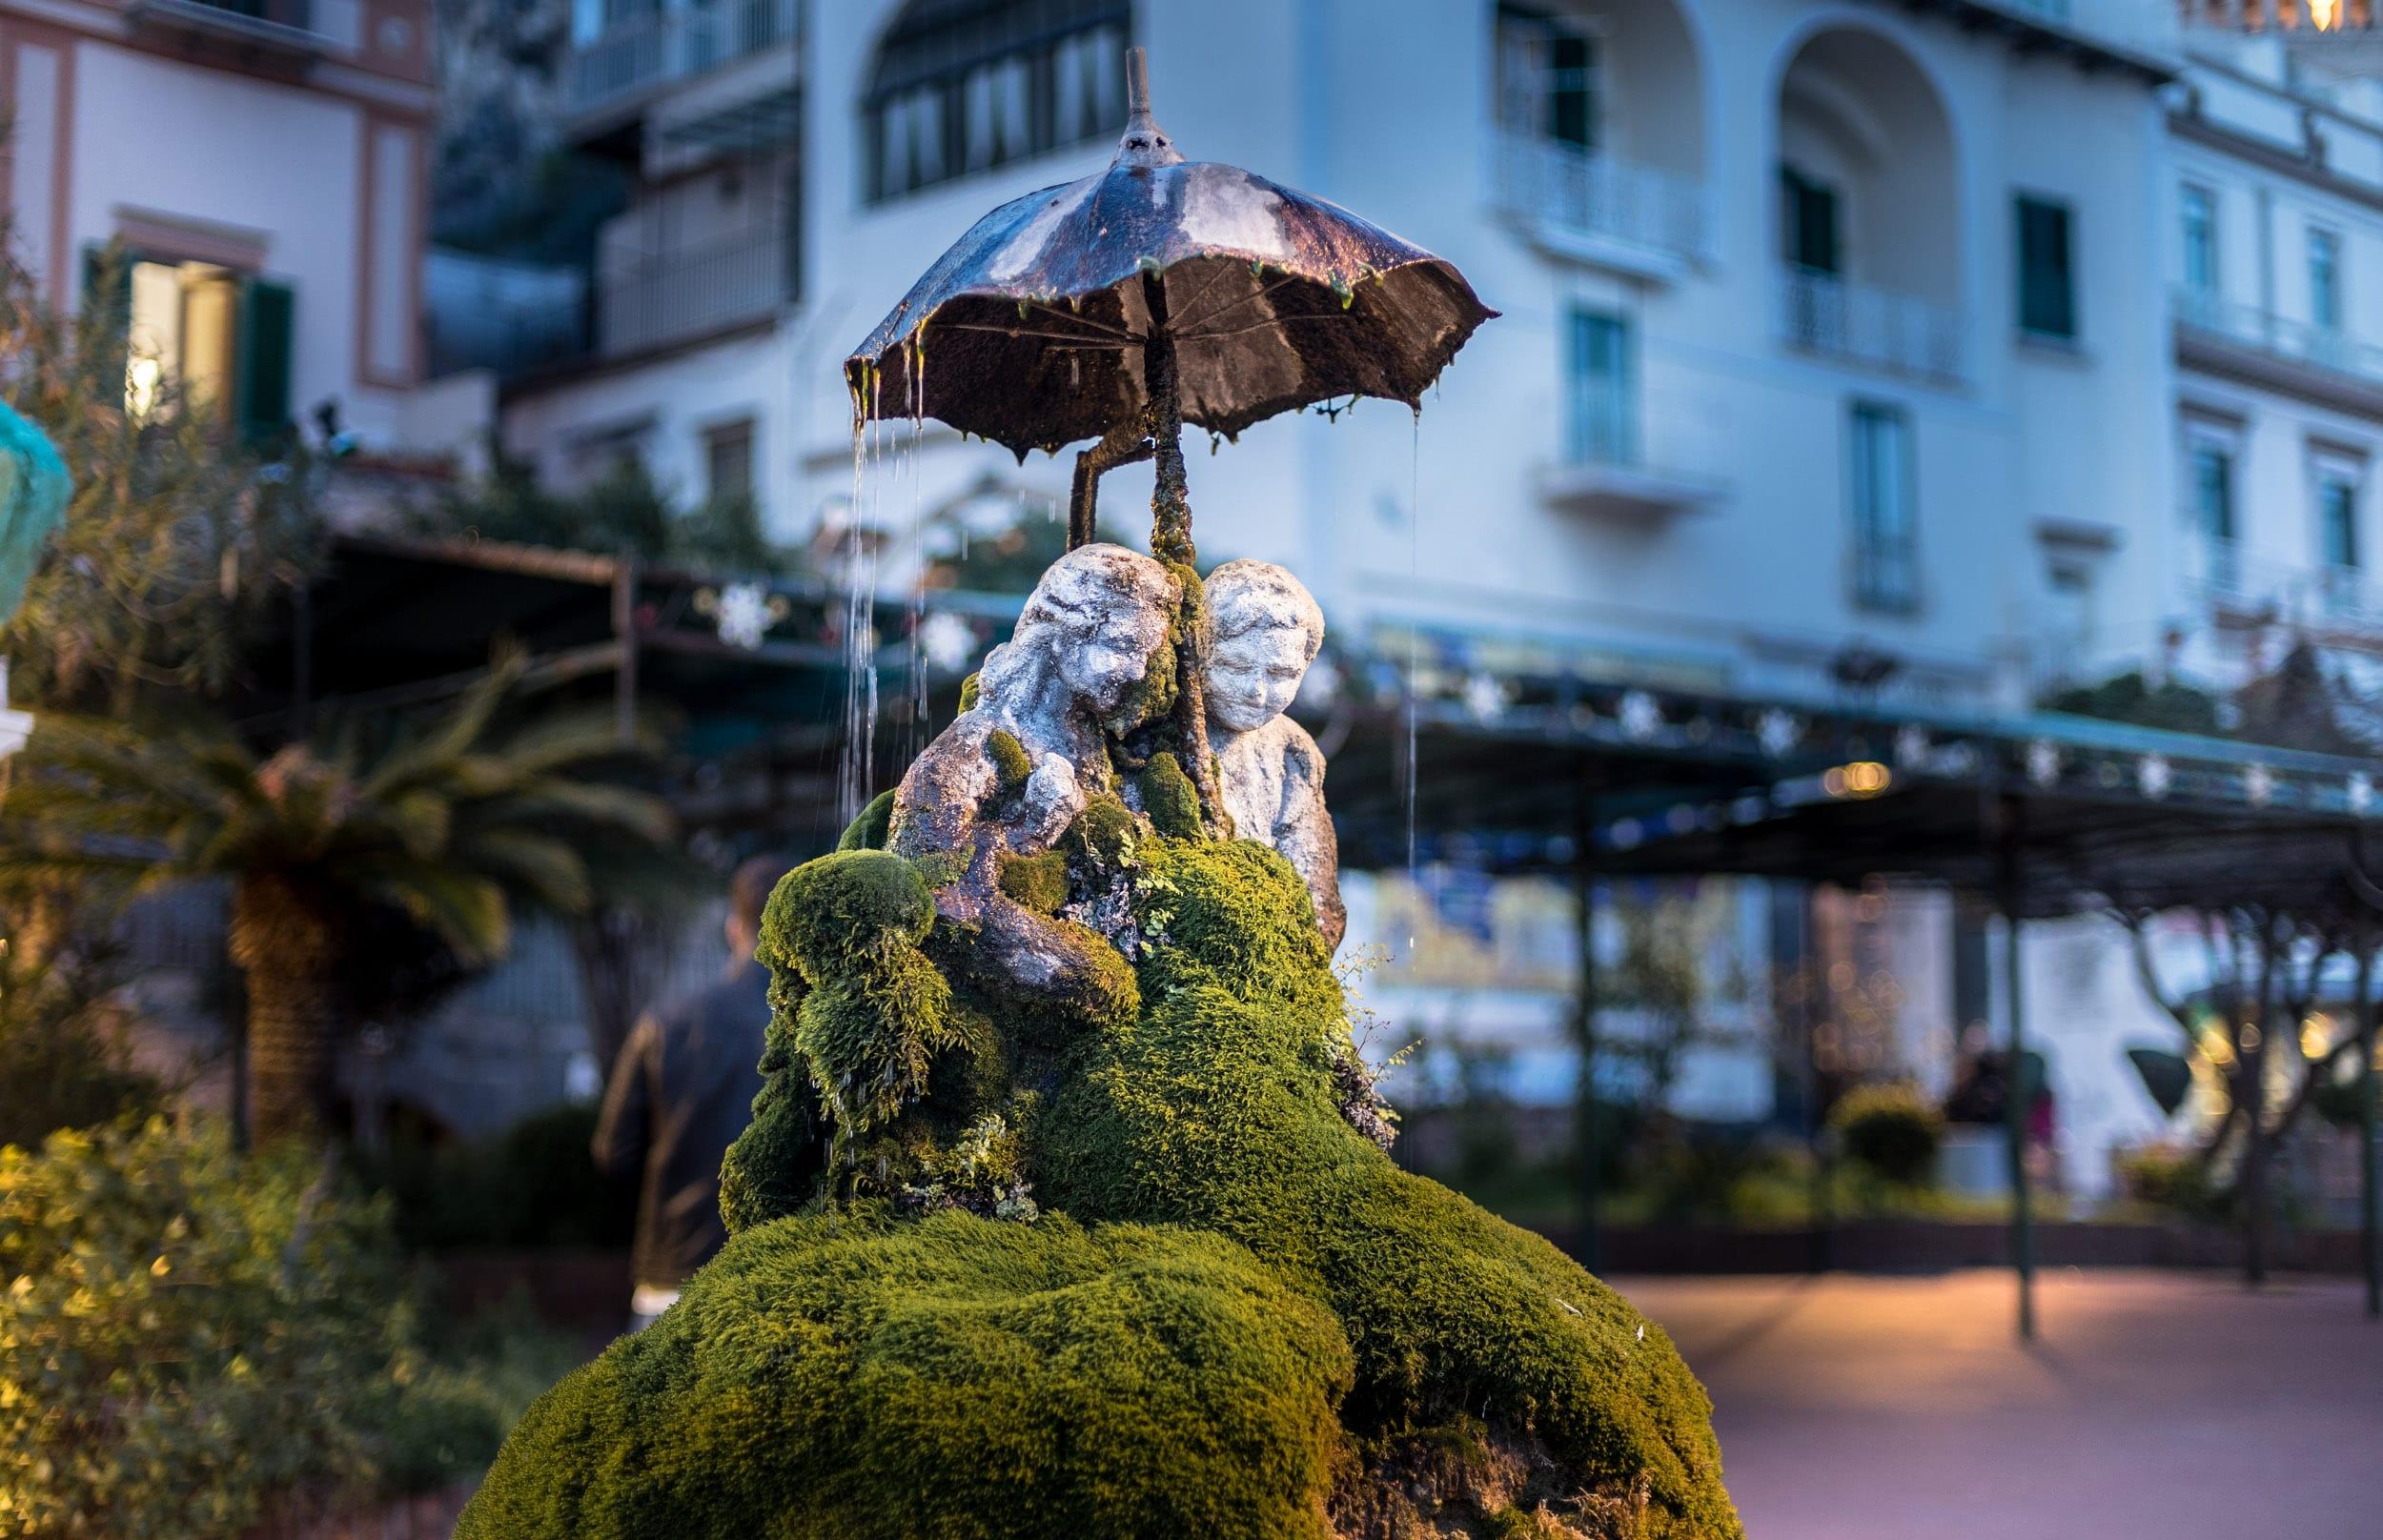 На самом виду. На остановке автобусов. Есть этот прекрасный фонтан в Амальфи. Двое под дождем. Внизу фонтана плавают золотые рыбки а люди почти не обращают на фонтан внимания. Кстати, это один из немногих фонтанов на побережье Амальфи из которого не получится пить. Остальные фонтаны, прктически все питьевые.  Лучшая фишка — сменяемость красок. Зеленый мох покрывает эту парочку под зонтом только зимой. Летом и весной мох желтый и рыжий. Все потому что он сильно выгорает